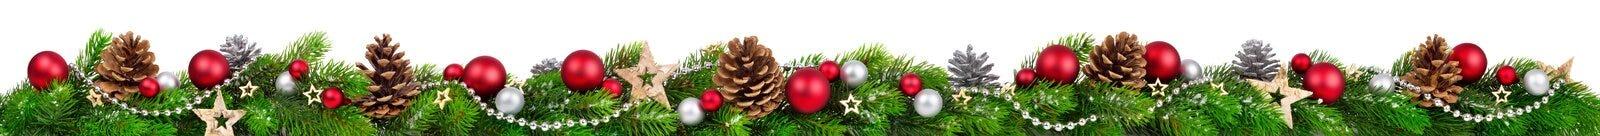 Σύνορα Χριστουγέννων, επιπλέον ευρέως στοκ εικόνα με δικαίωμα ελεύθερης χρήσης